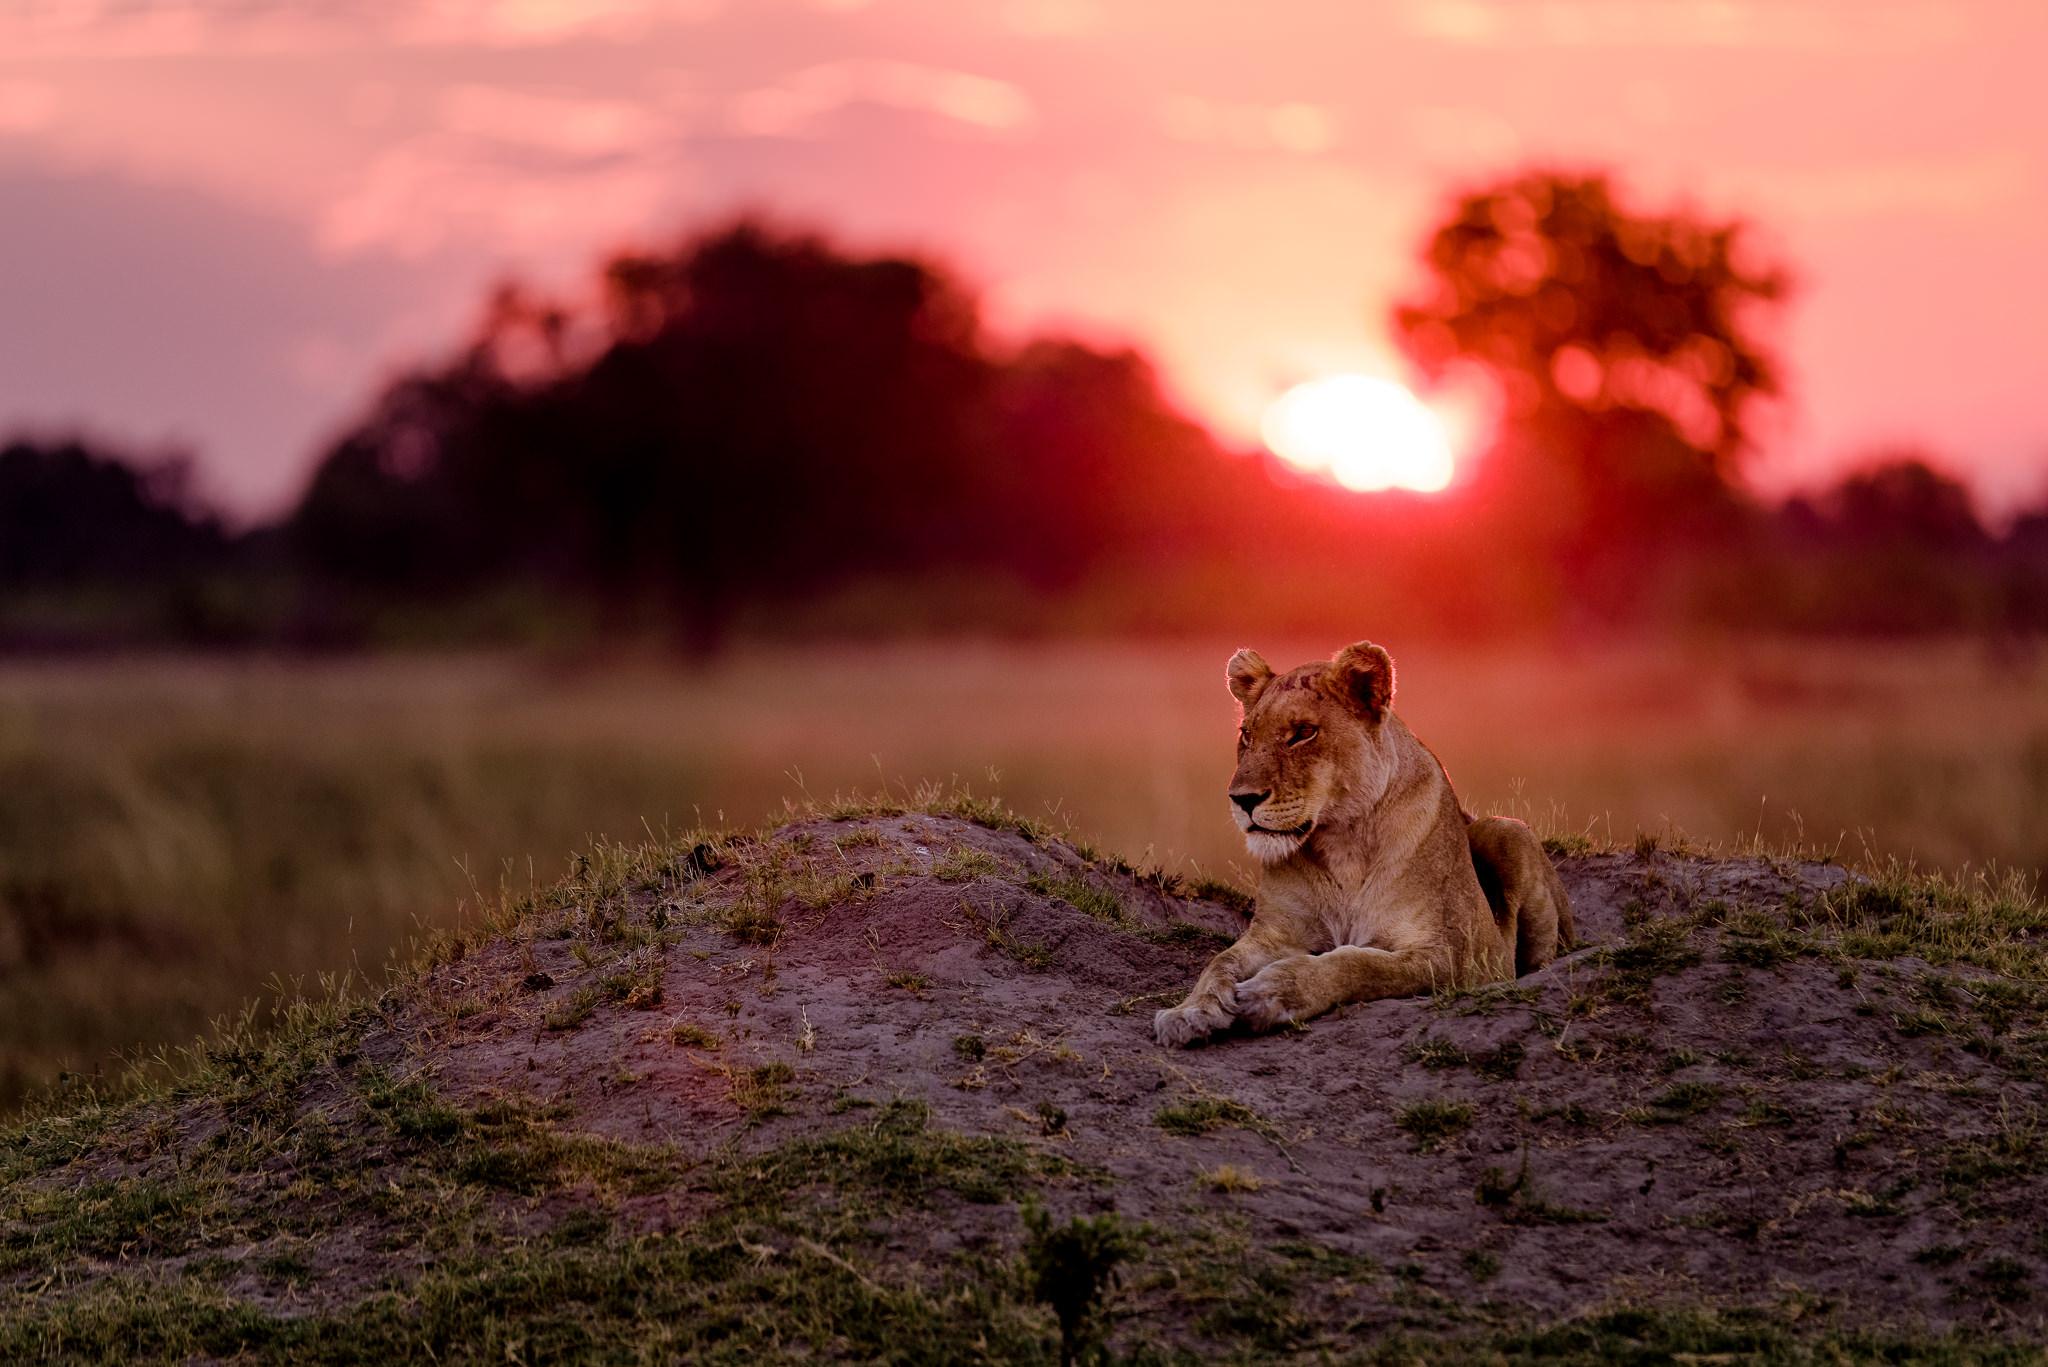 Lioness-@-Sunset